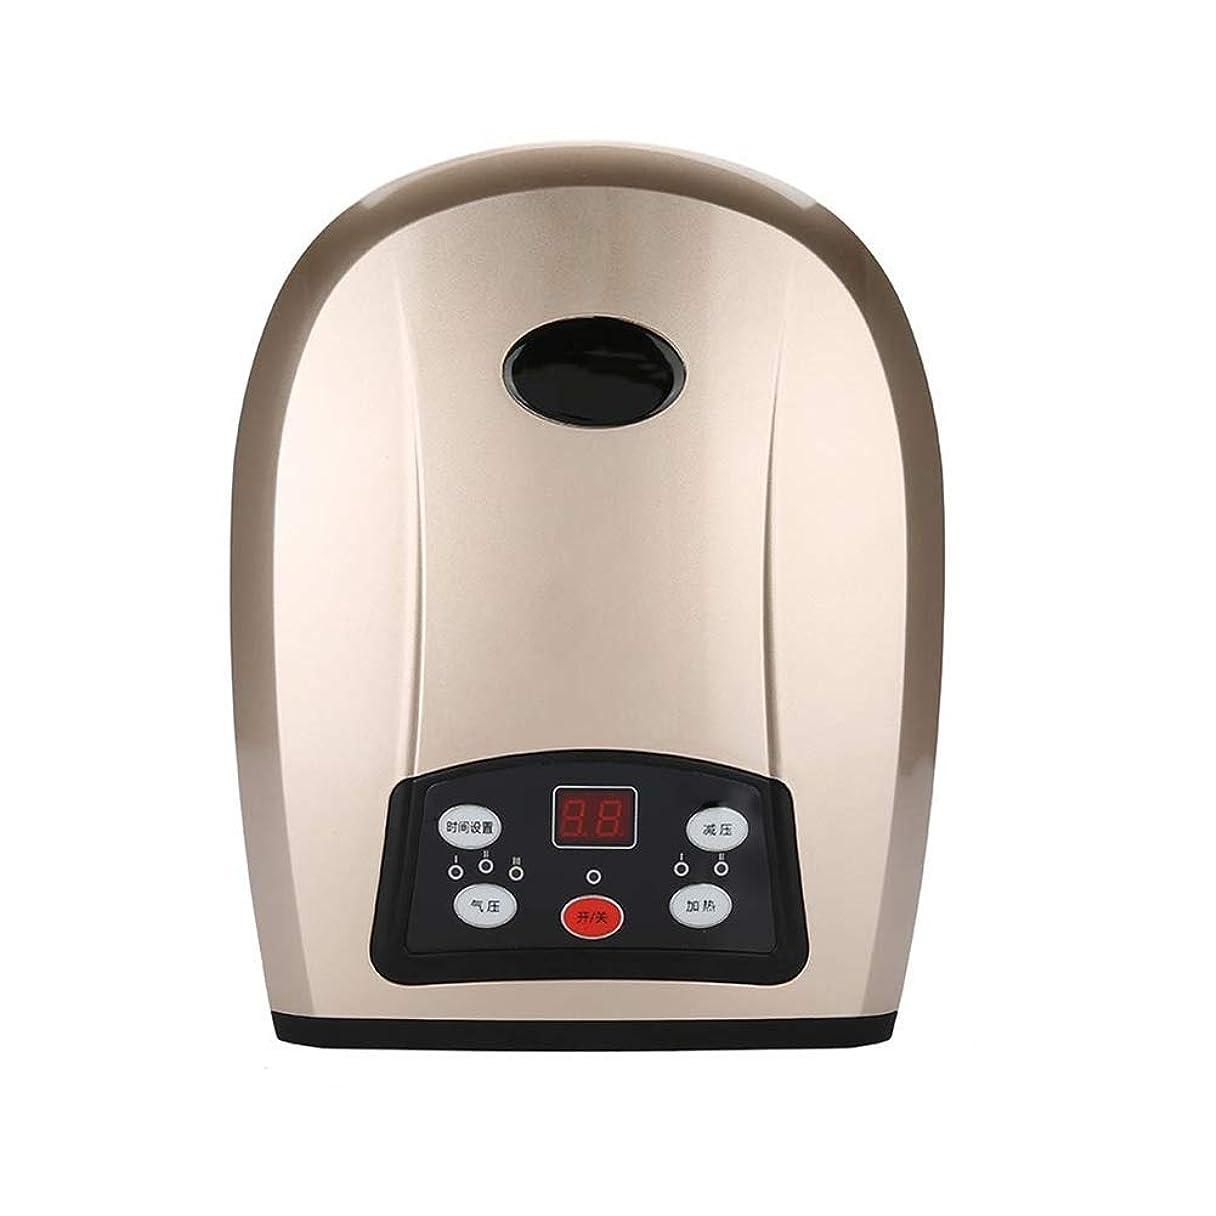 ハンドマッサージャー ヒーター機能搭載 手 ハンド マッサージ機 振動 ハンドケア ハンドリフレ 指を1本ずつ包む型 ハンディマッサージャー 男女兼用